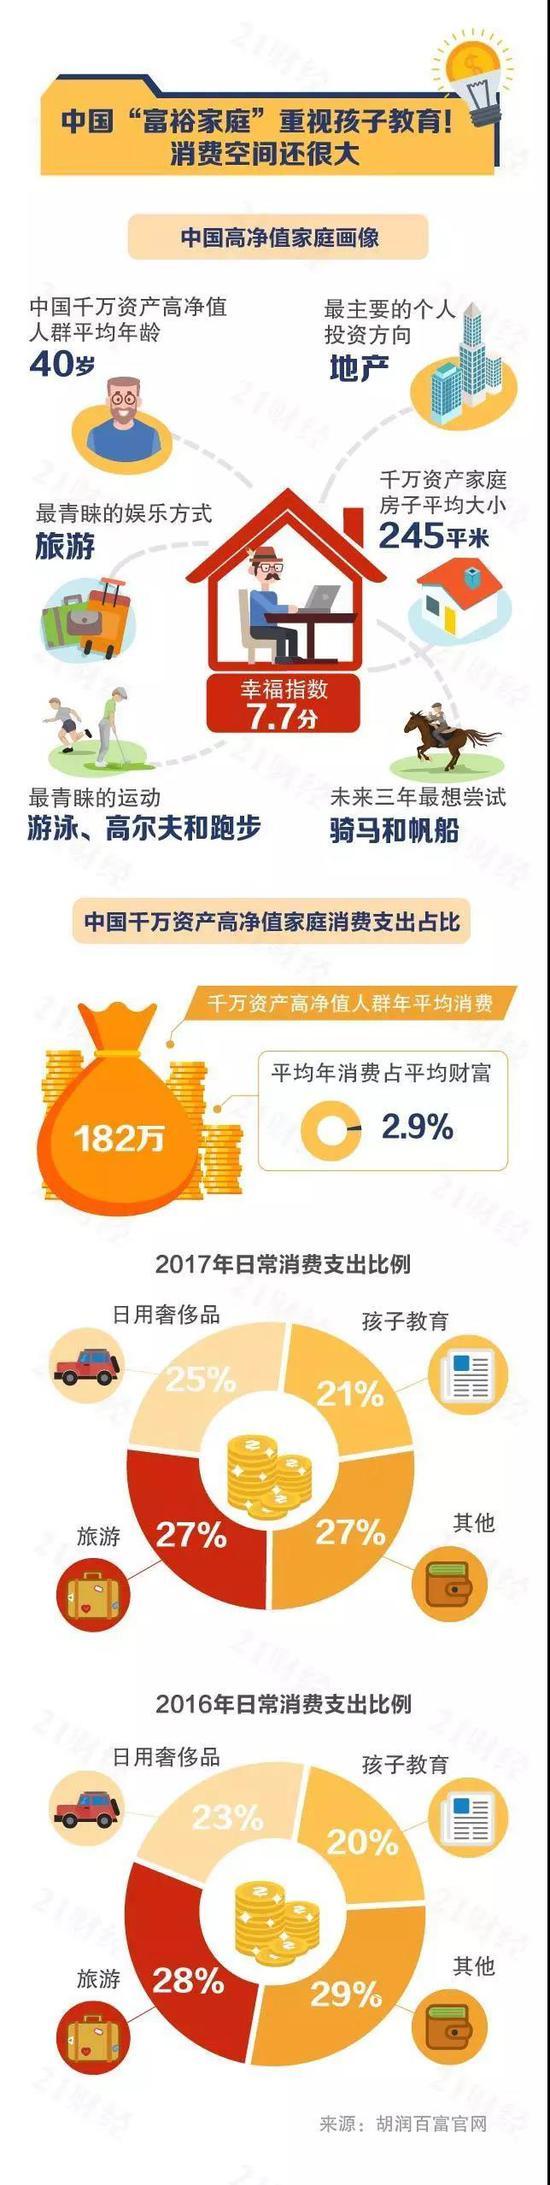 """中国大陆拥有600万资产的""""富裕家庭""""城市分布概况"""